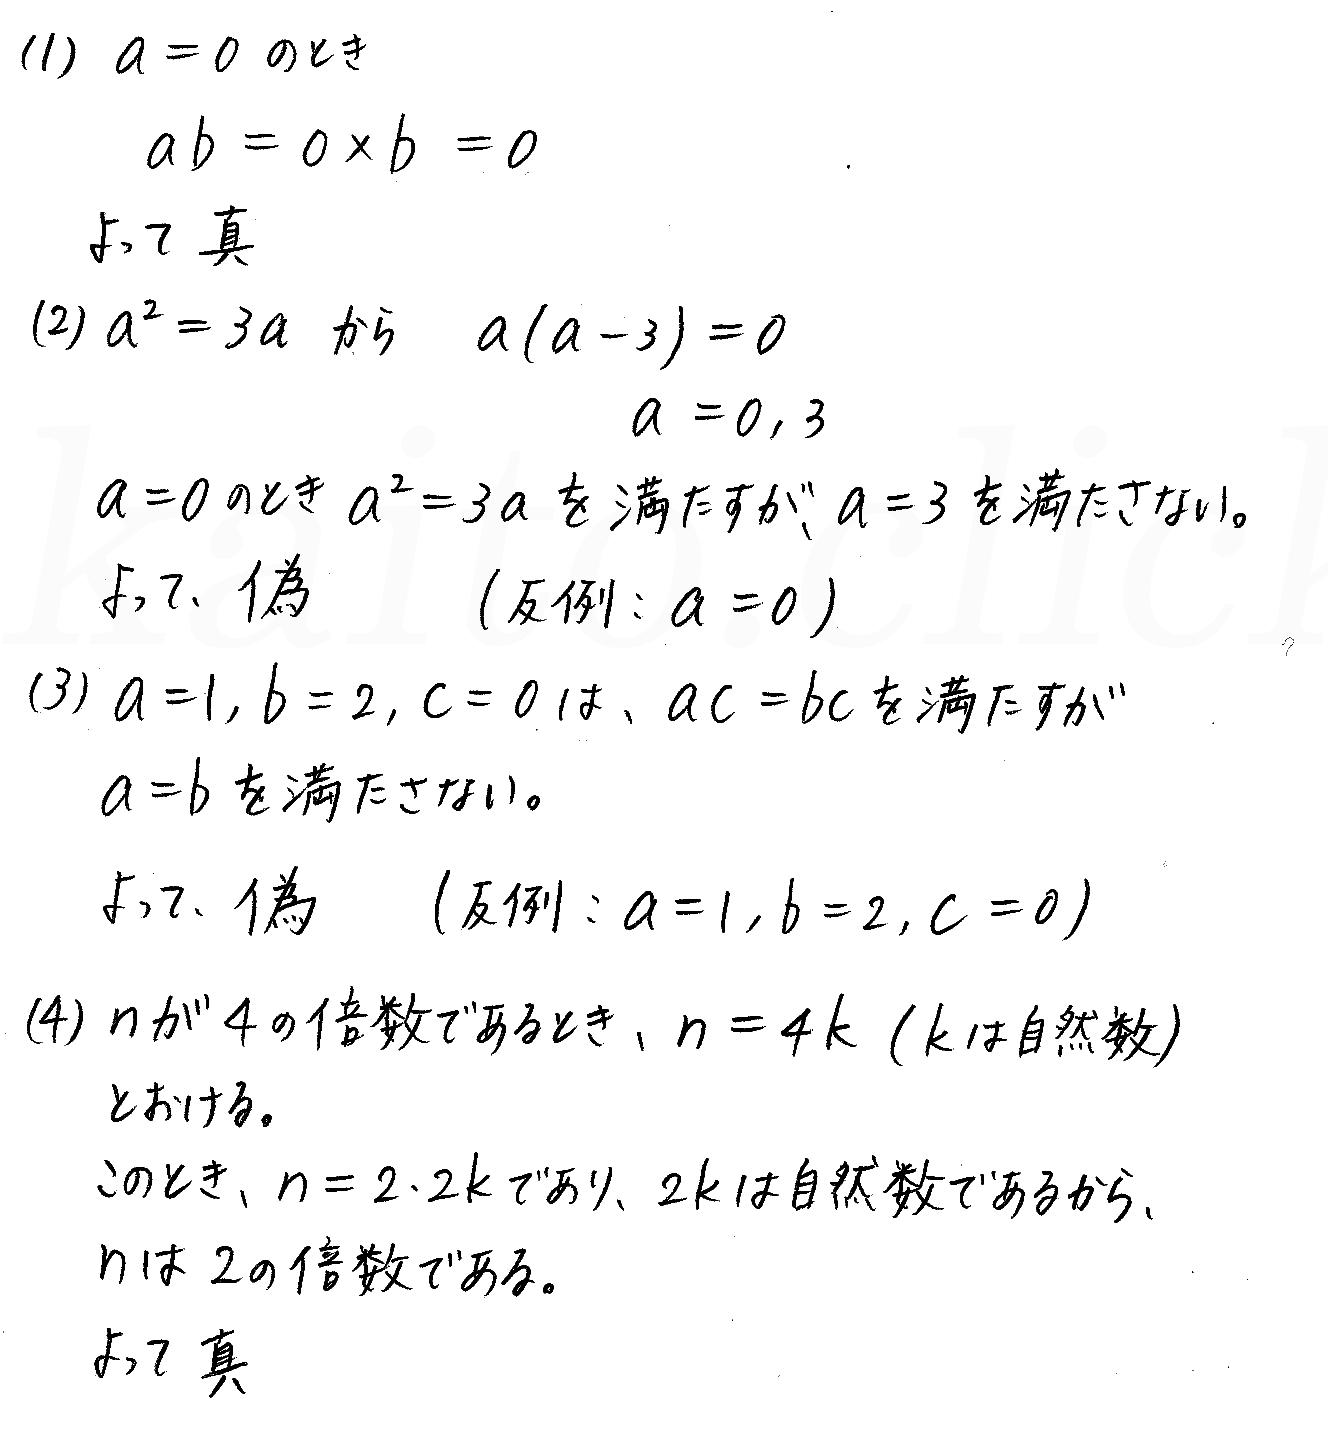 クリアー数学1-118解答